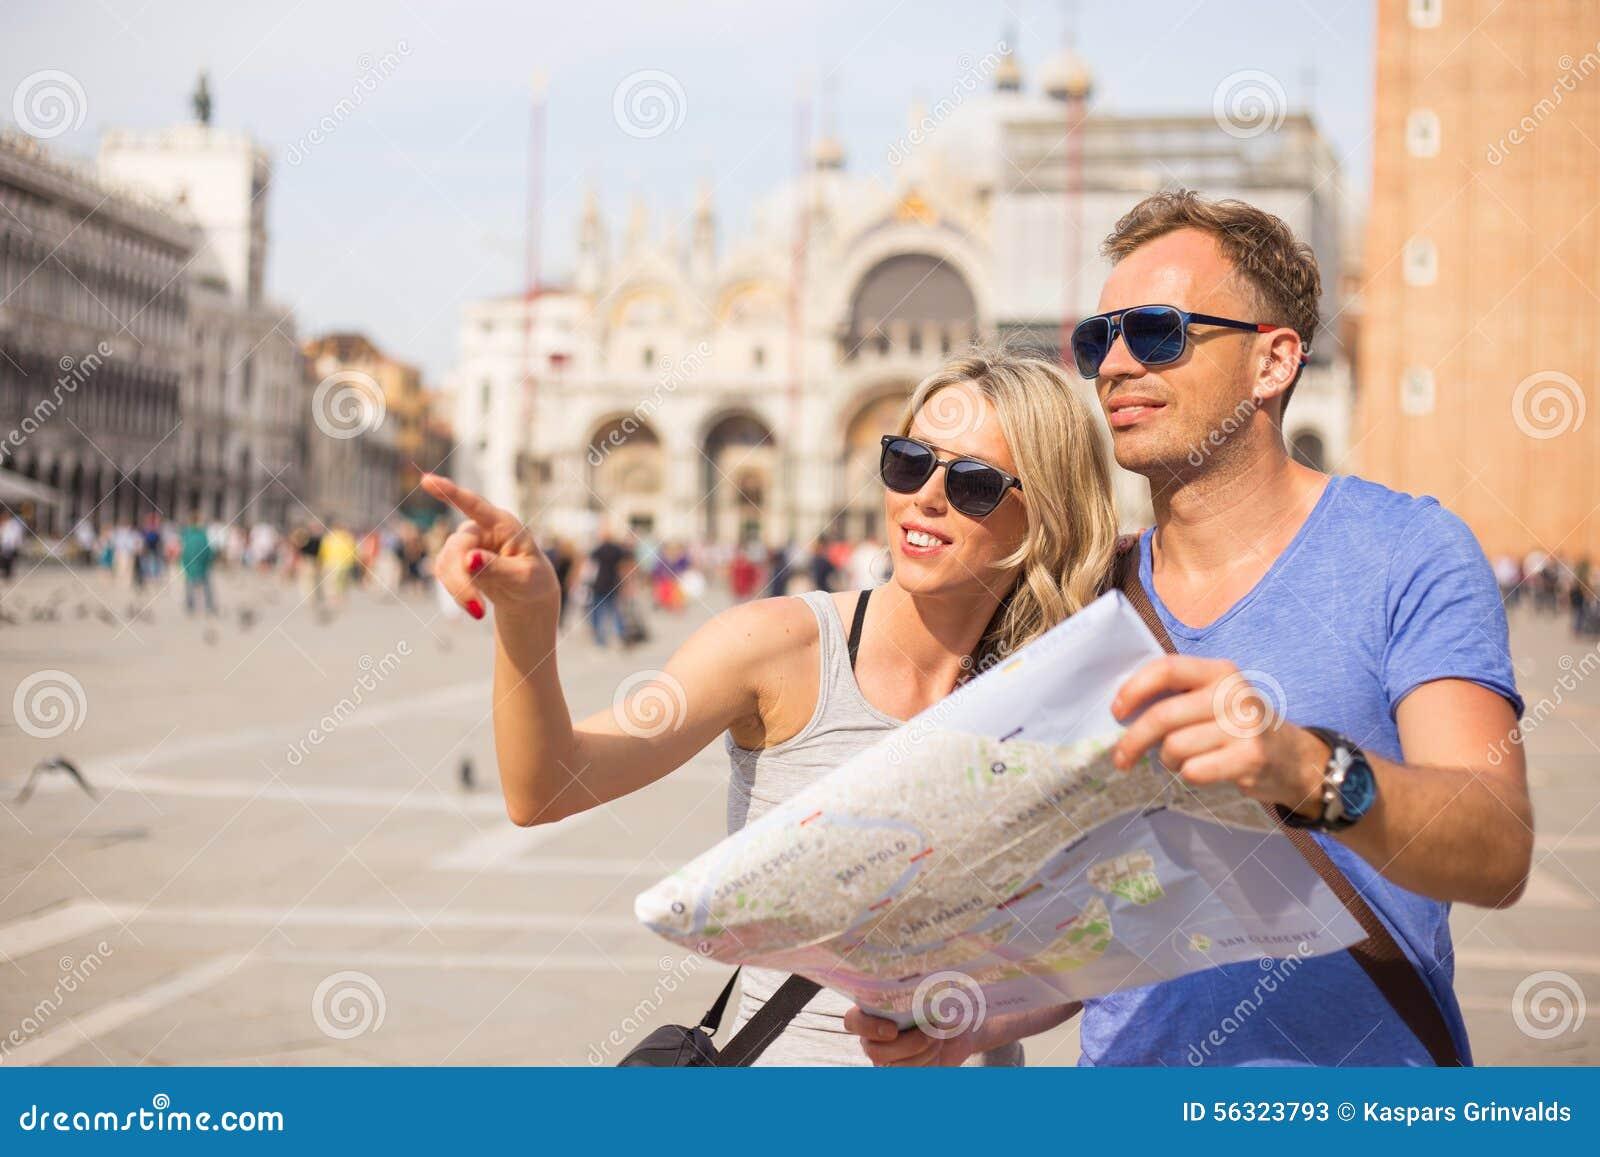 Τουρίστες στη Βενετία που ψάχνουν τις κατευθύνσεις